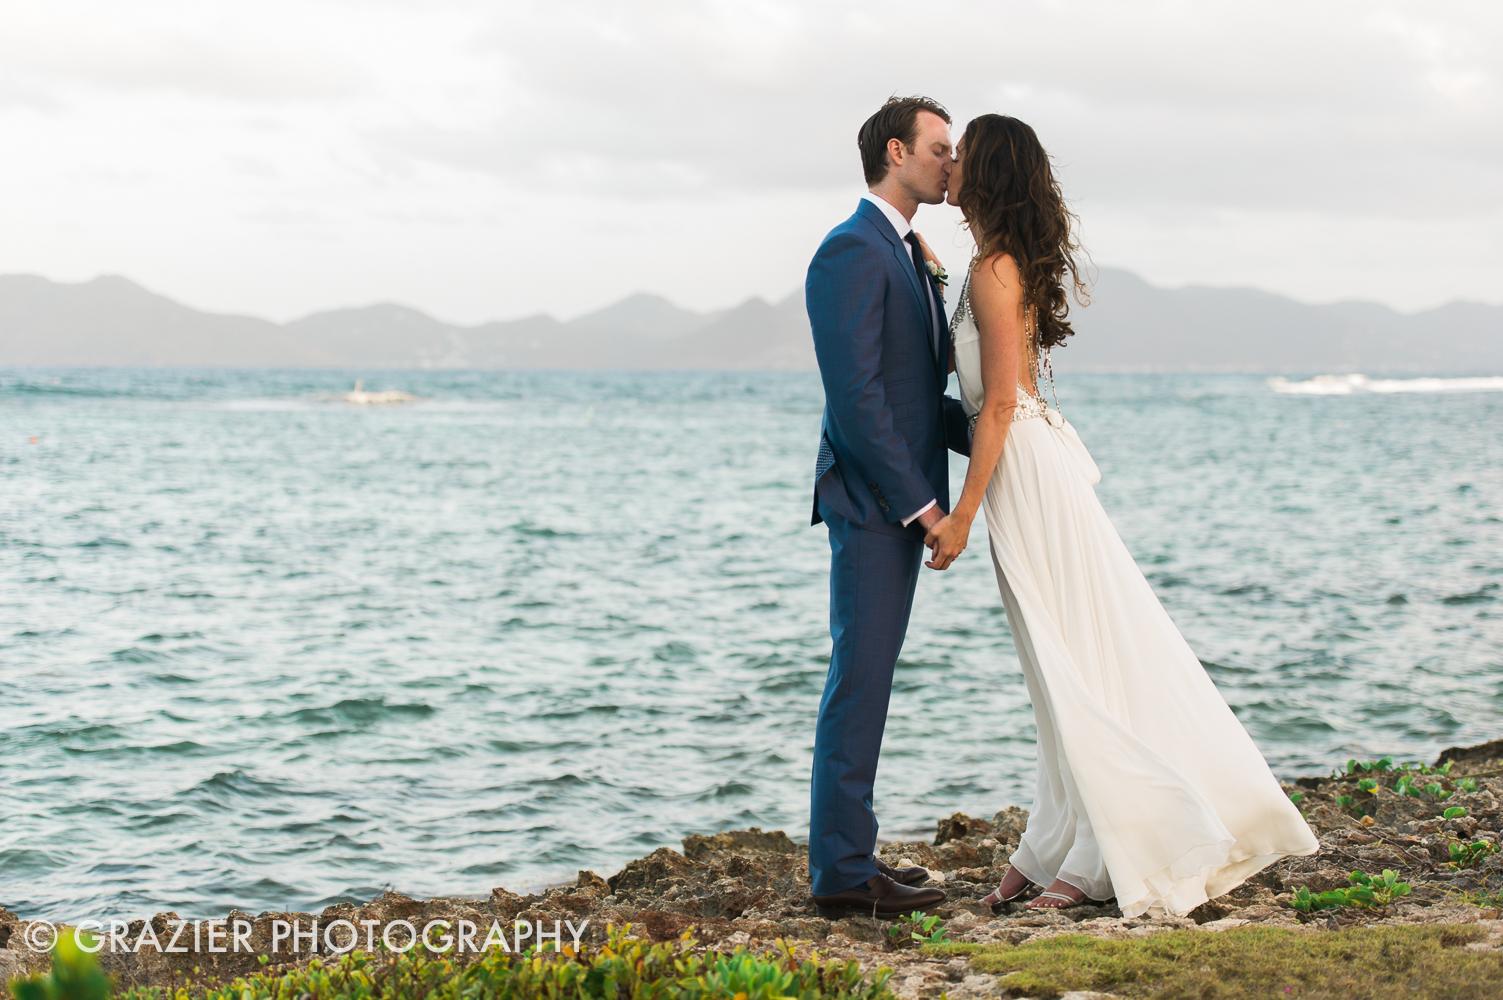 Anguilla-Wedding-GrazierPhotography_5.jpg